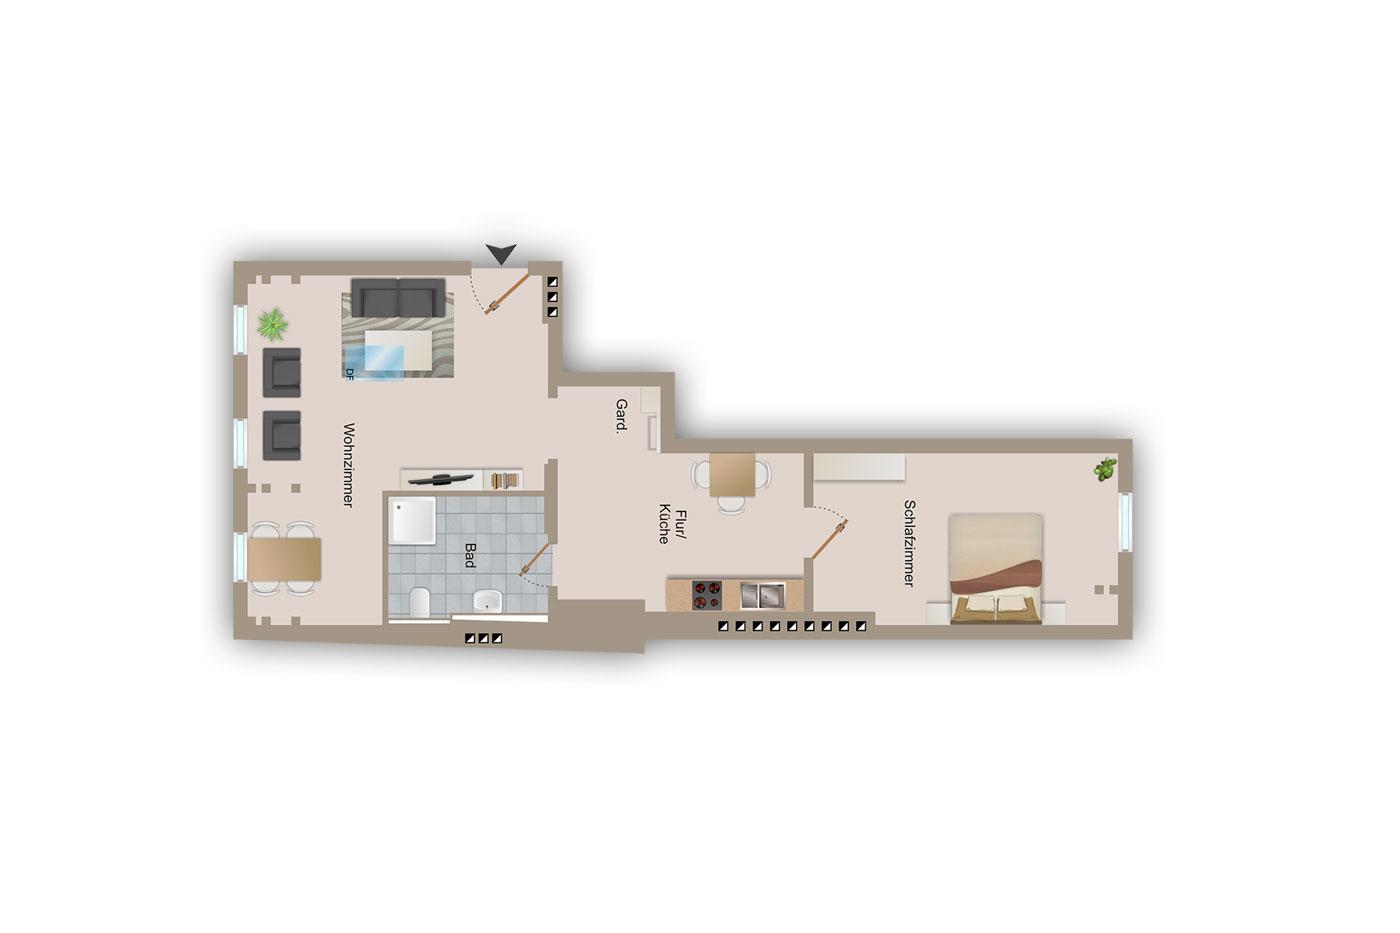 Ferienwohnung schneeeule 60 qm 4 pers kostenloses wlan for Wohnzimmer 60 qm